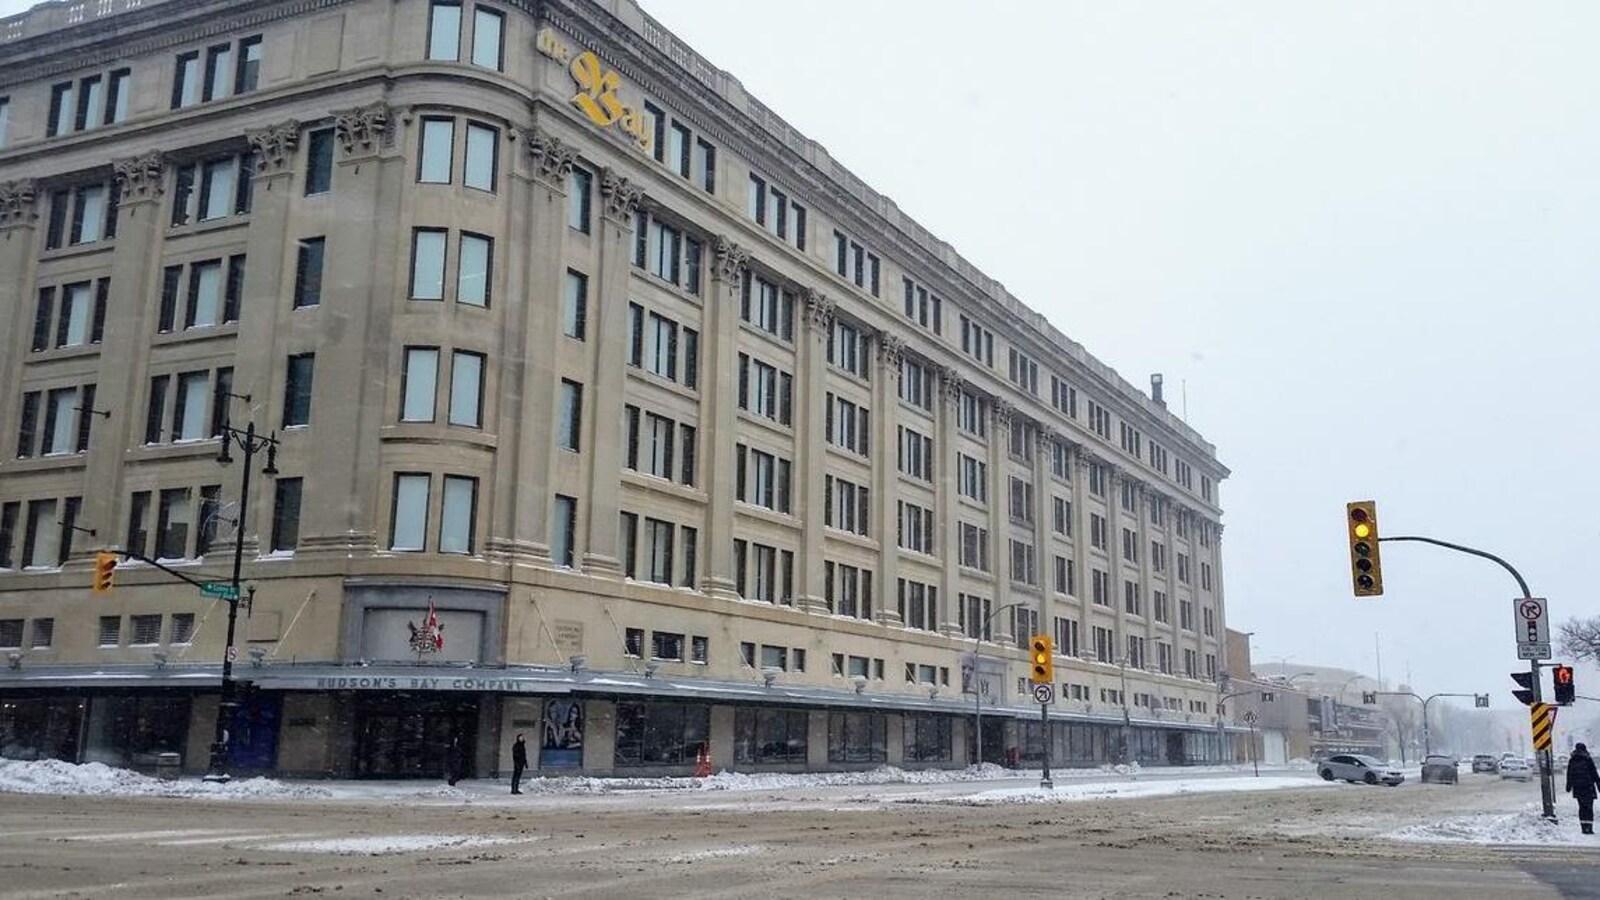 Un grand immeuble brun-gris, vu de l'extérieur, à l'angle de deux rues passantes, un jour de neige.